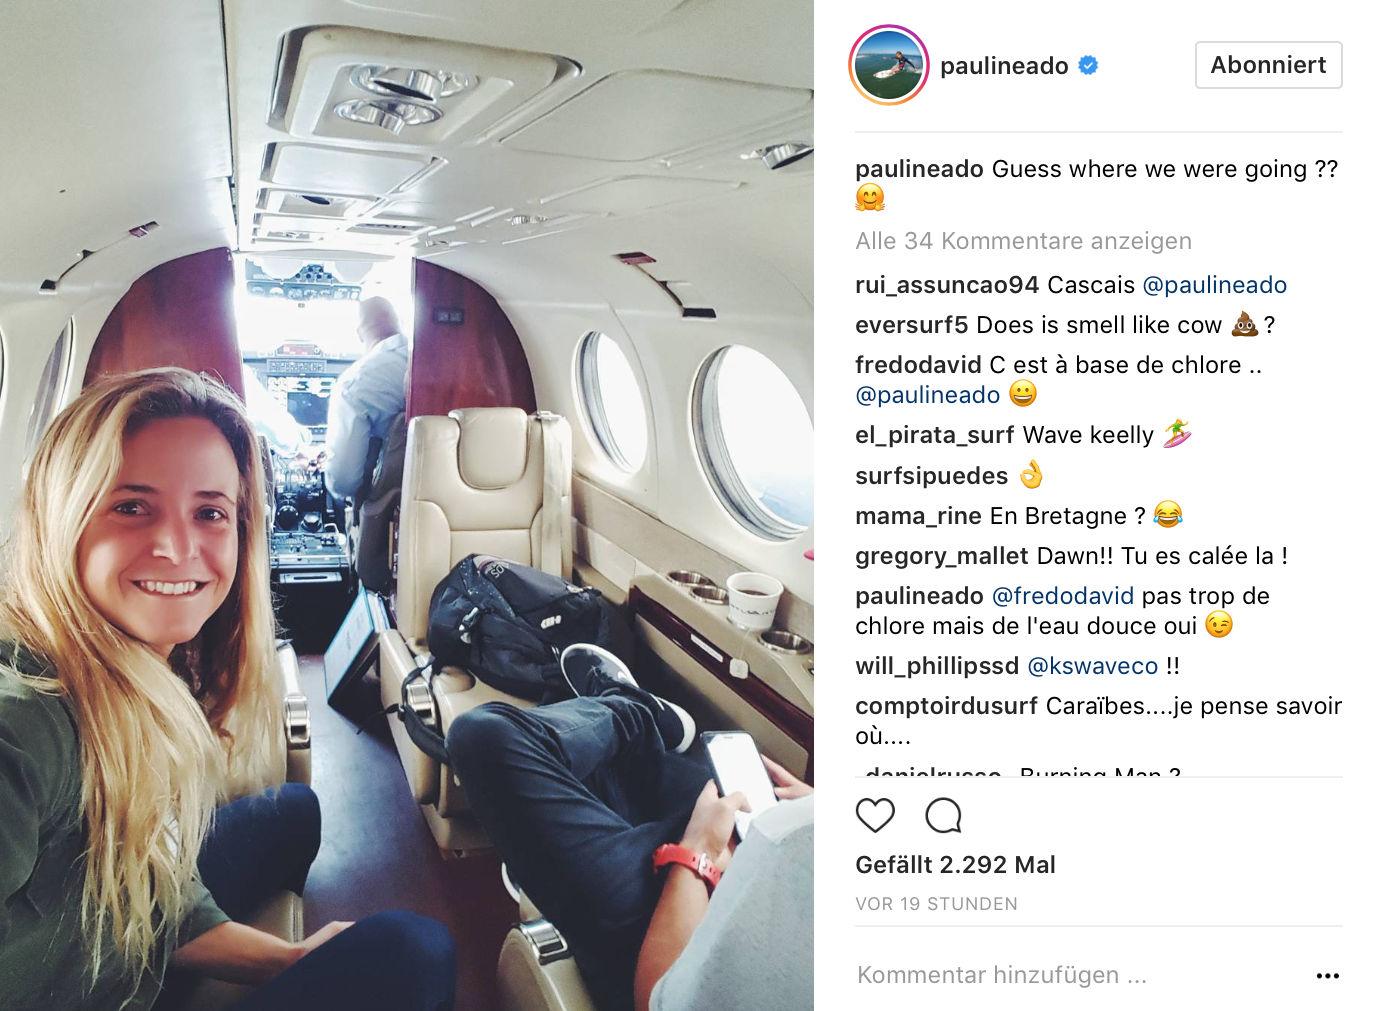 Die Französin Pauline Ado gehört zu den Eingeladenen. So wie es aussieht wurde sie sogar per Privatjet zum Wavepool eingeflogen.